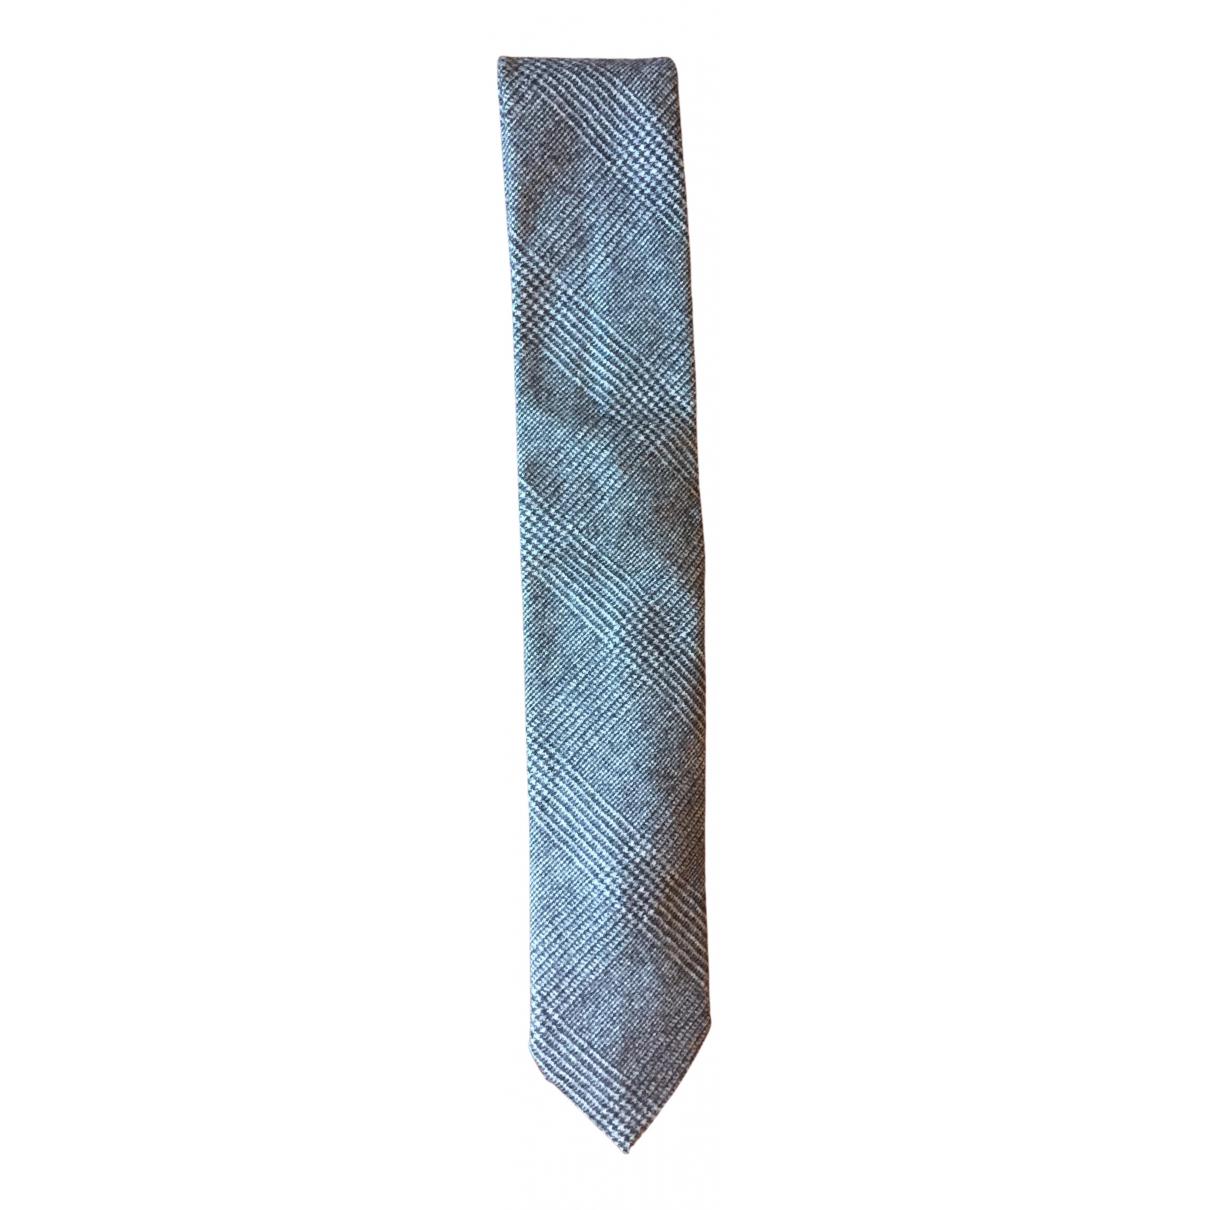 Breuer \N Krawatten in  Grau Wolle